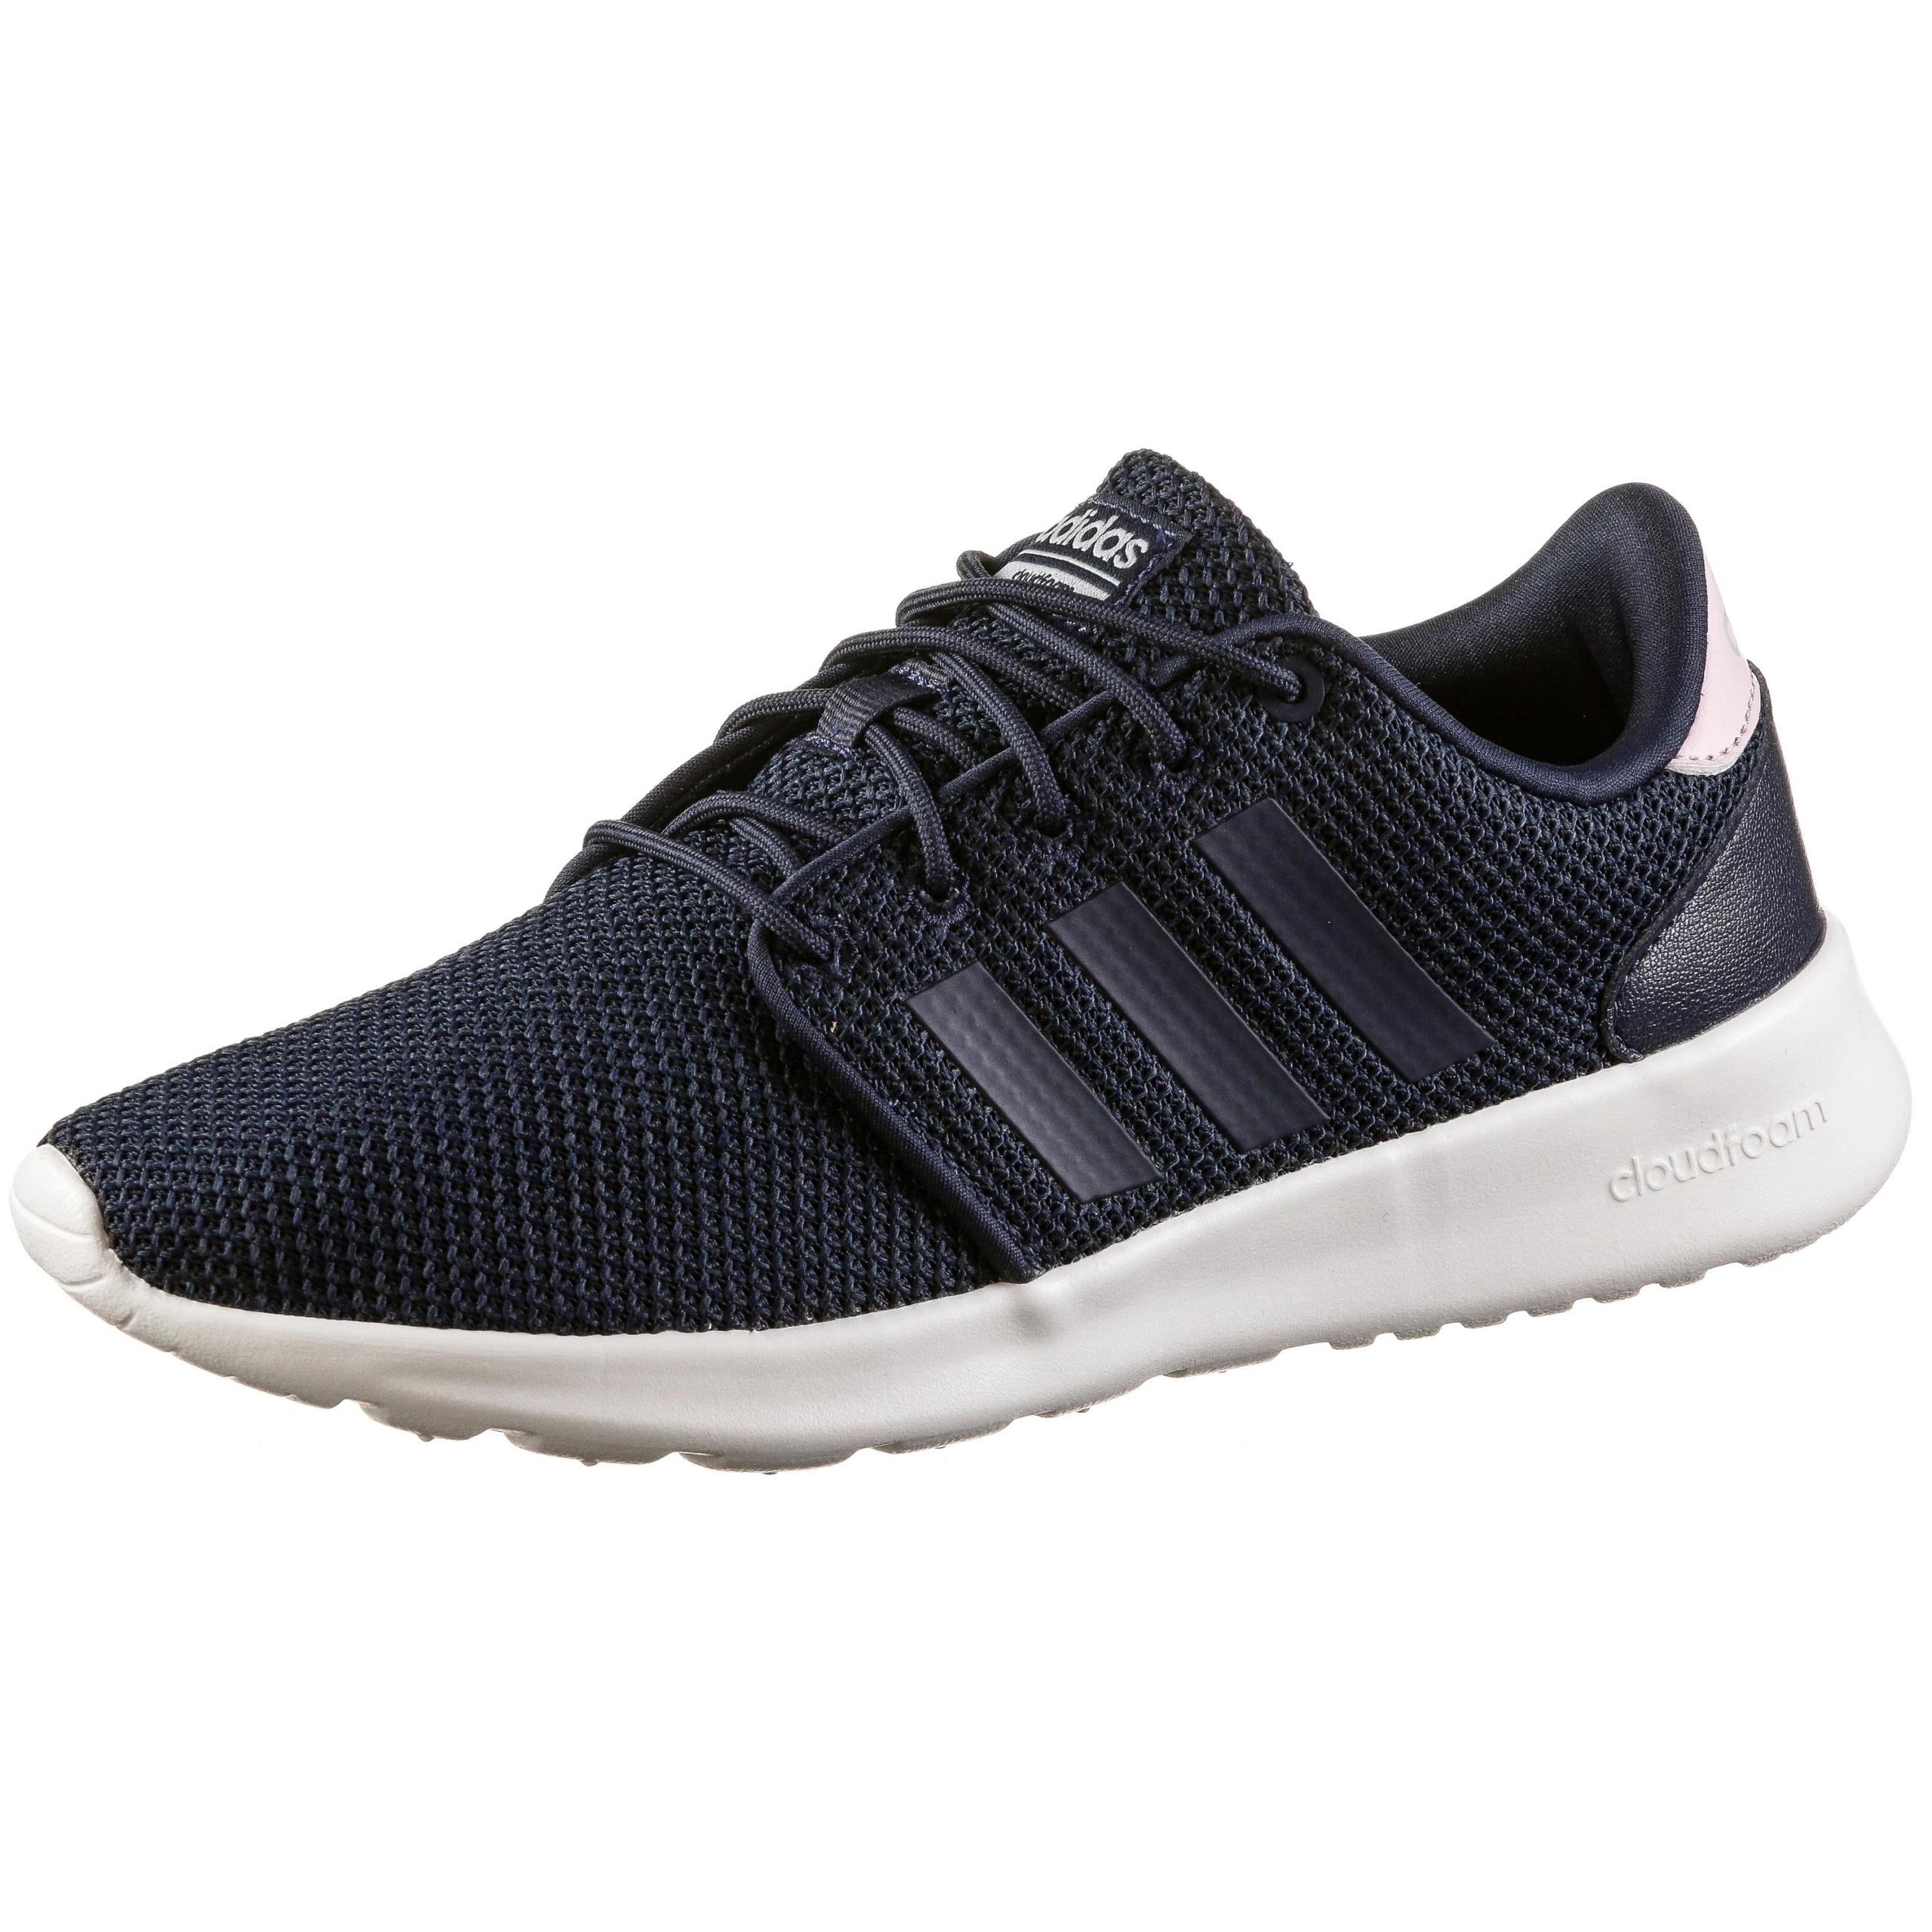 adidas QT Racer Sneaker Damen